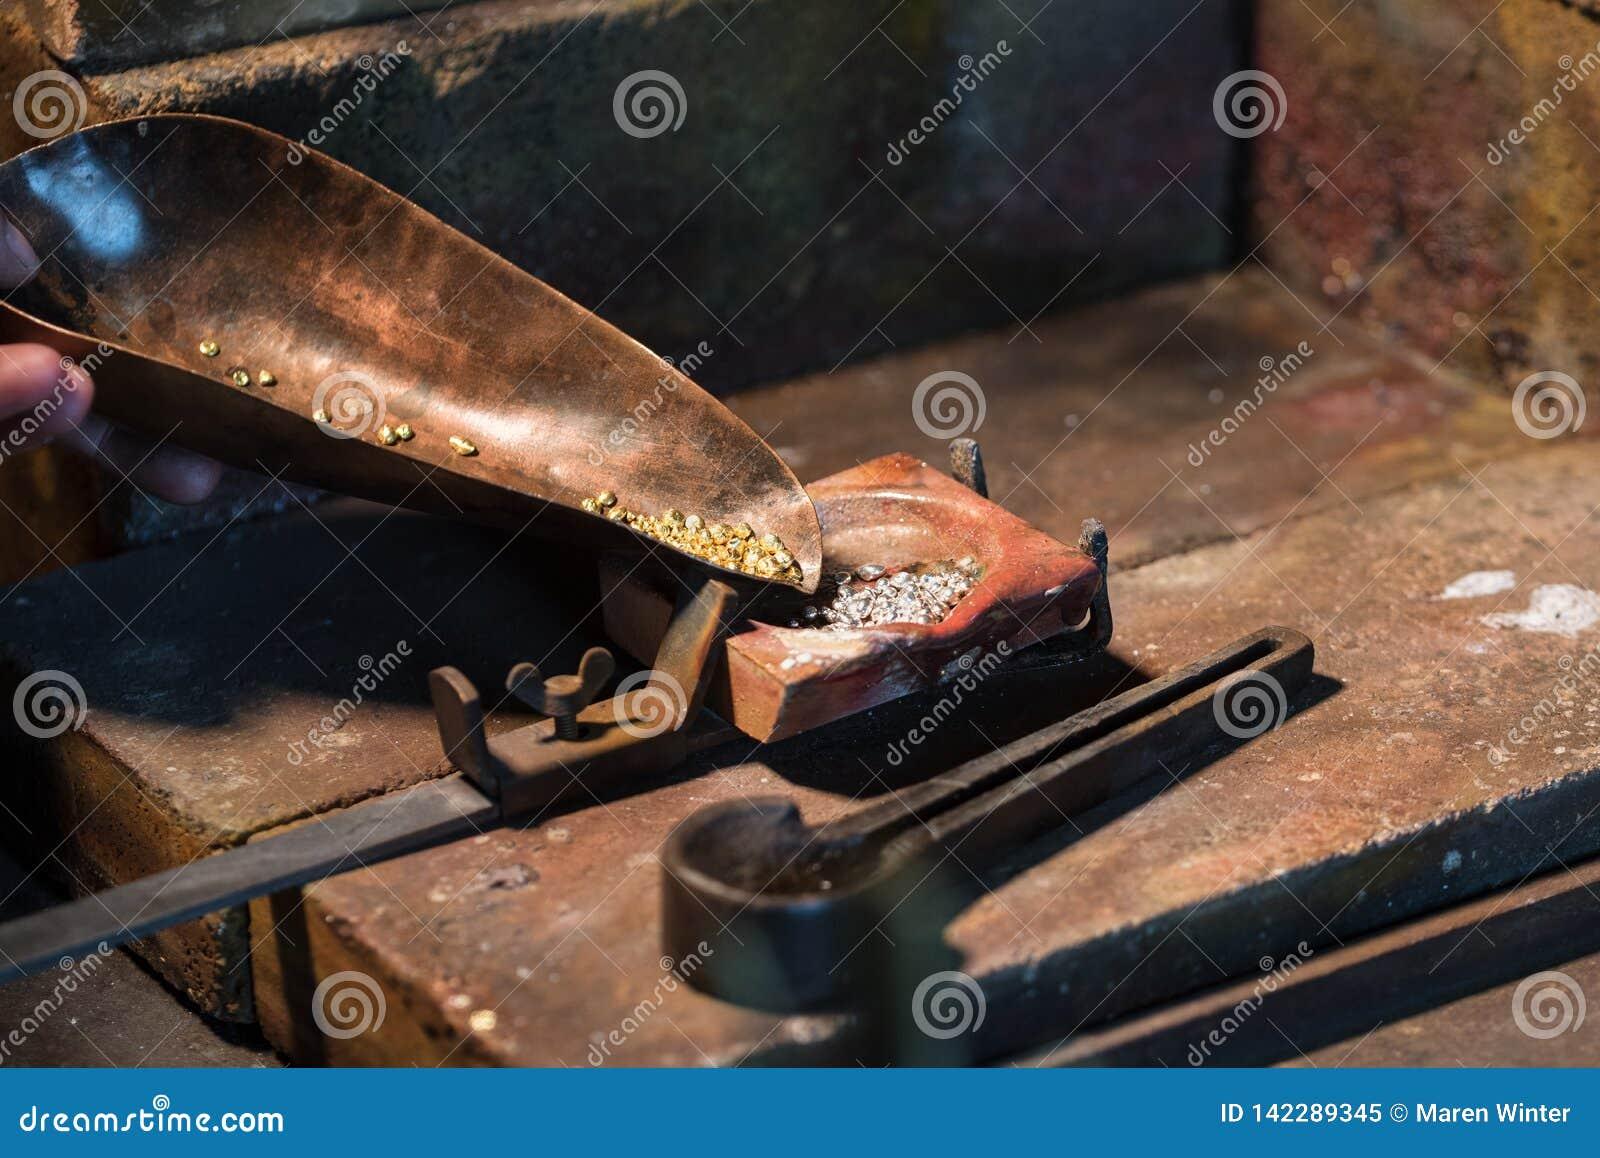 Złota i srebra granule w tyglu dla topić aliaż, biżuterii narzędzia w złotnik miejsce pracy, kopii przestrzeń